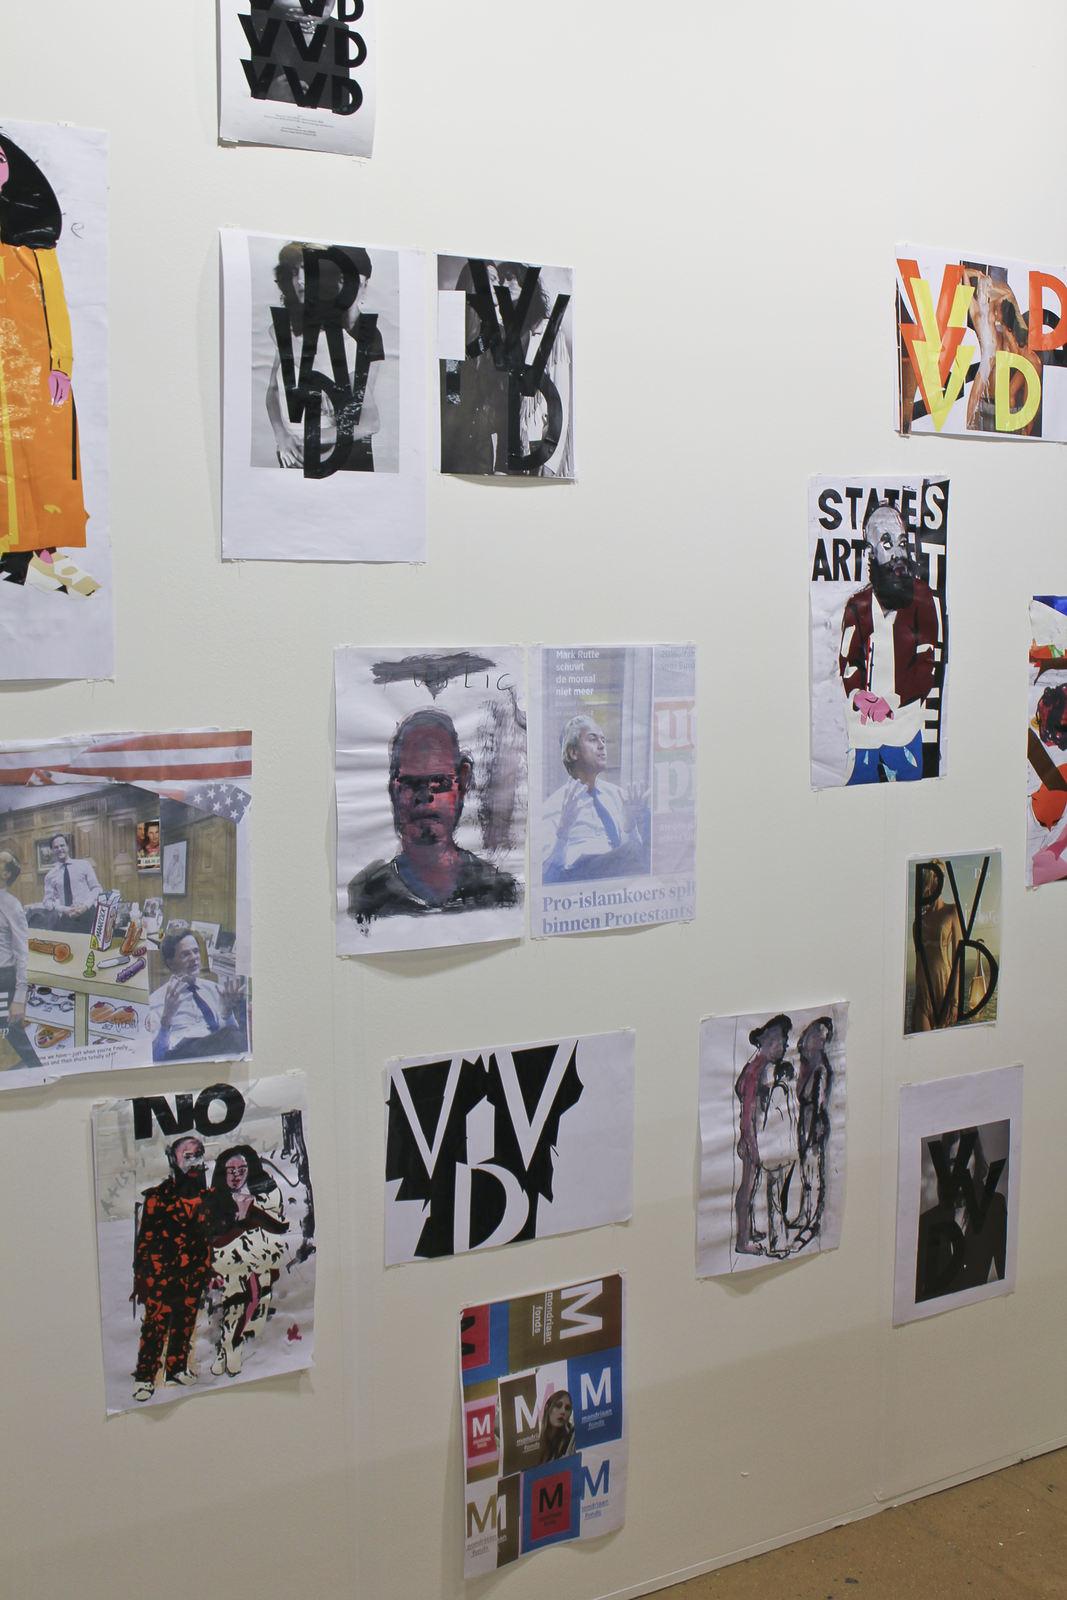 Erik van Lieshout at Annet Gelink Gallery 01